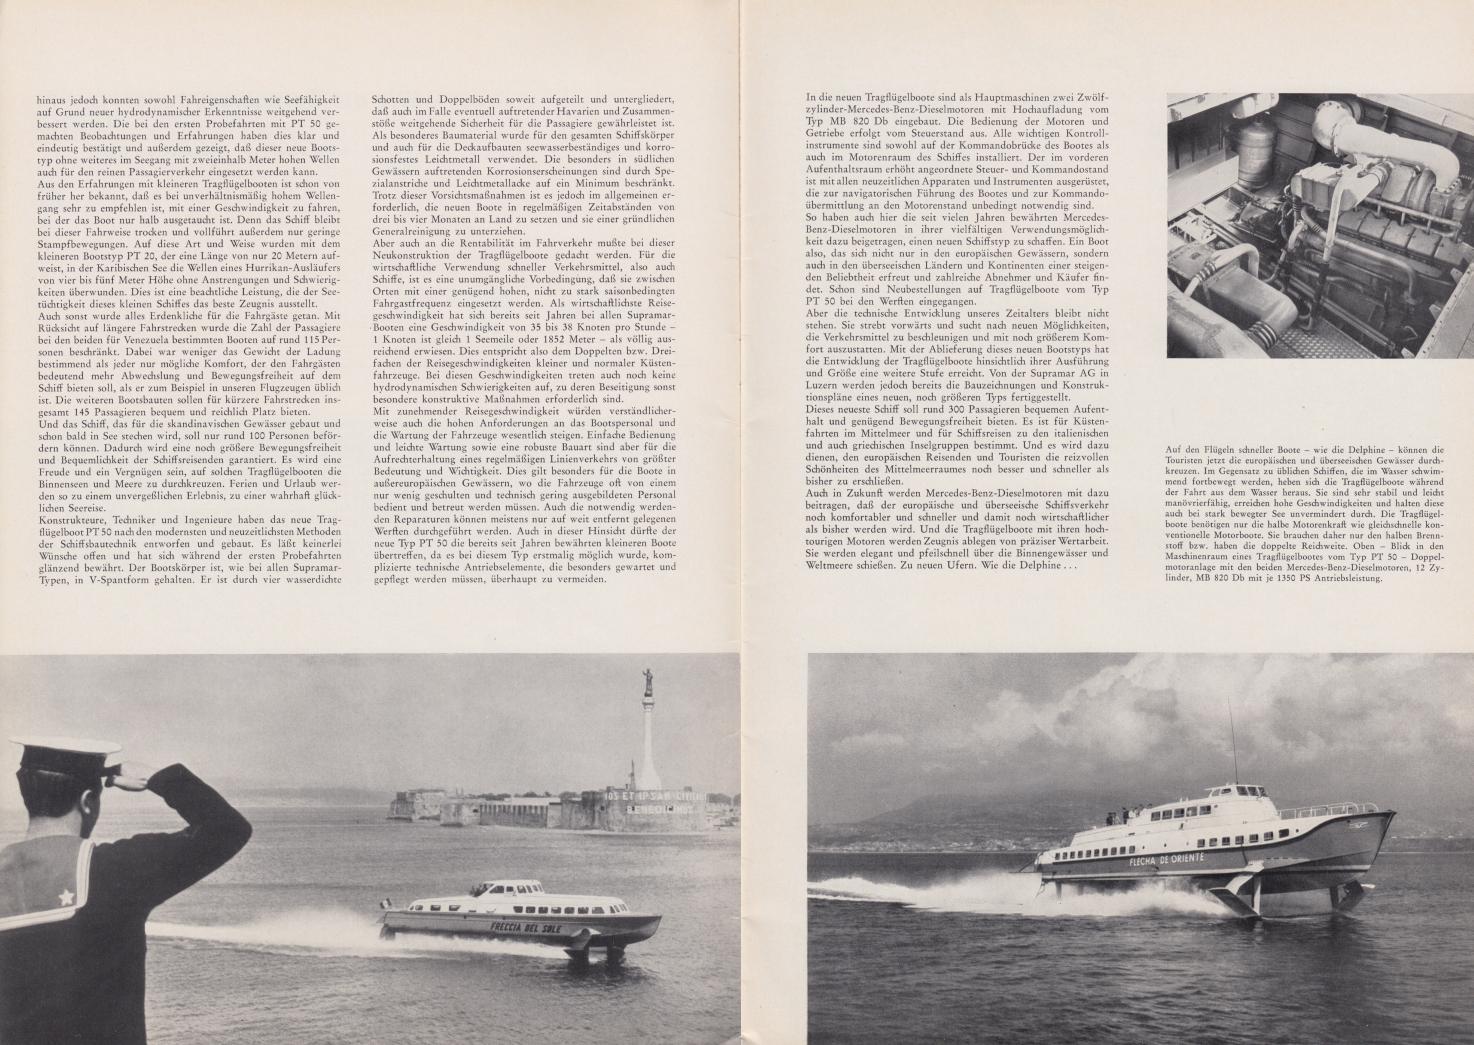 (REVISTA): Periódico In aller welt n.º 42 - Mercedes-Benz no mundo - 1960 - multilingue - com imagens do Brasil e construção de Brasília 003